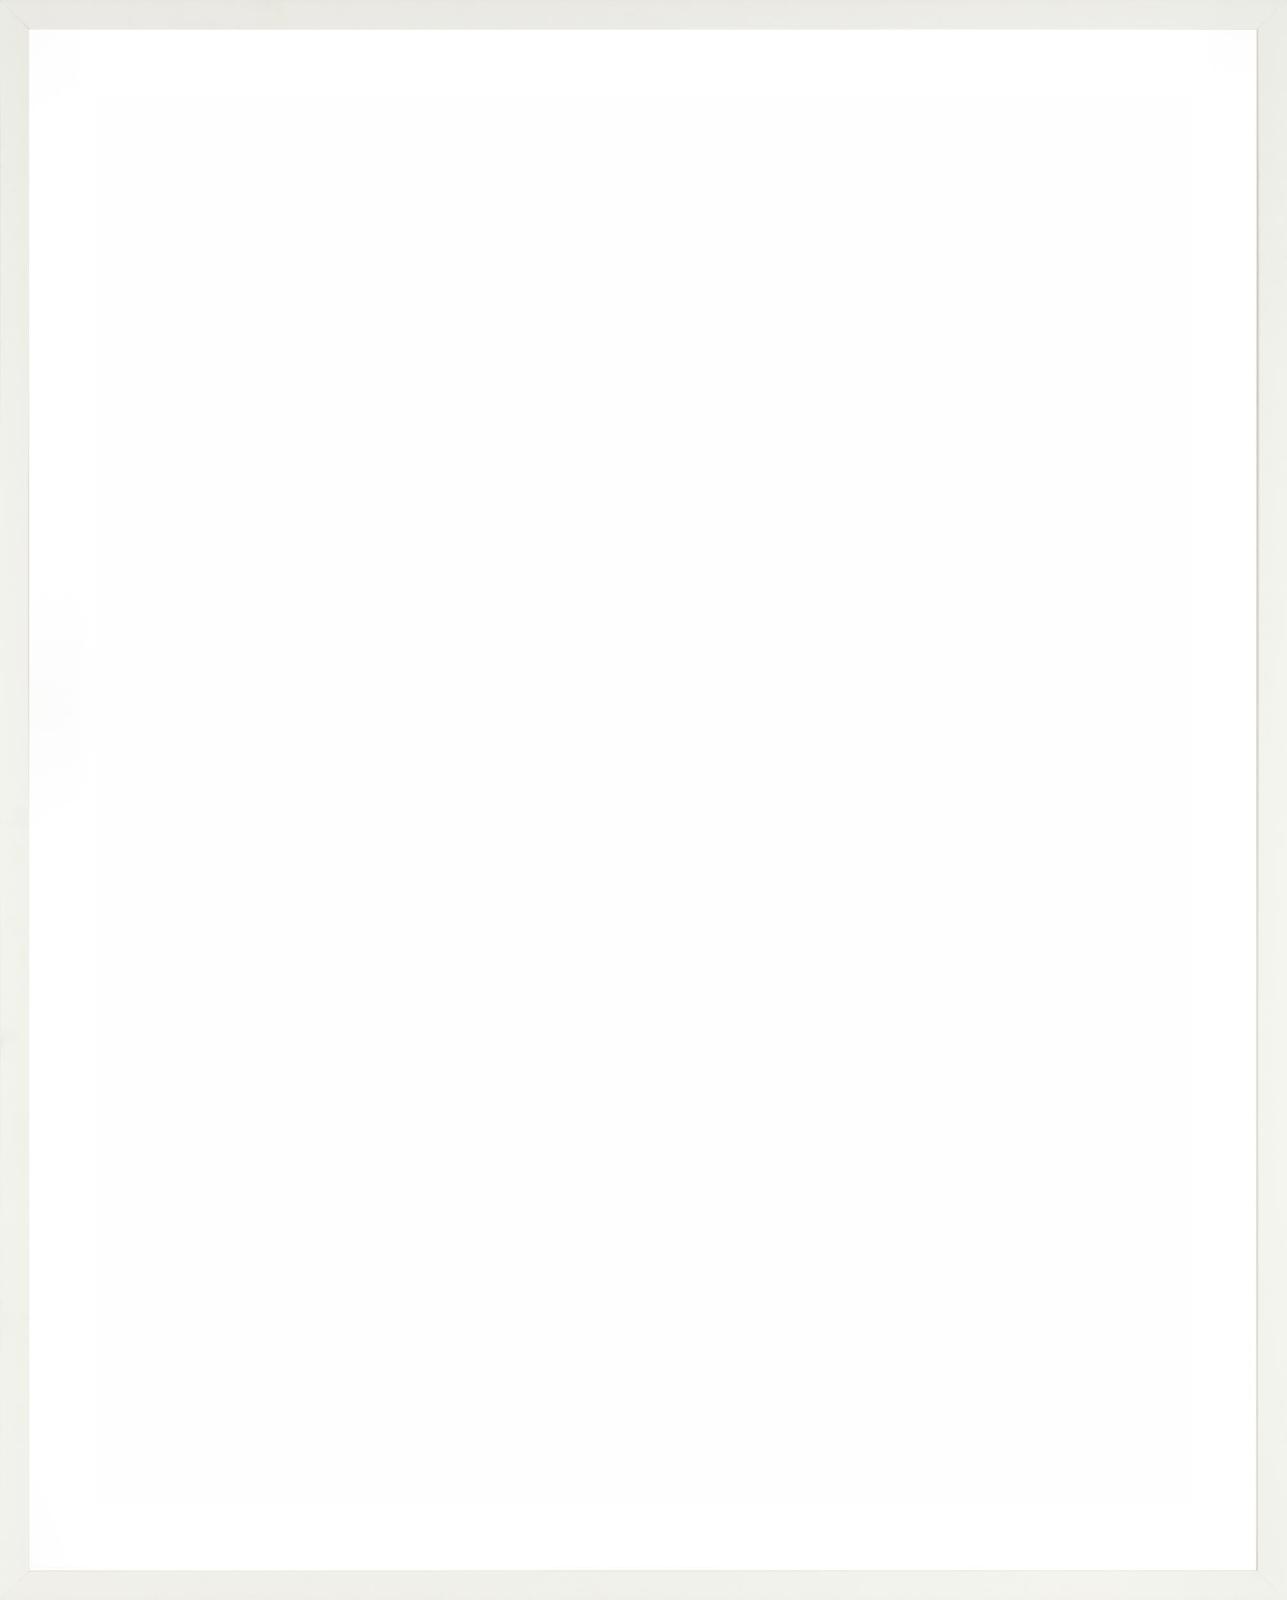 Paper Frame Vertical White